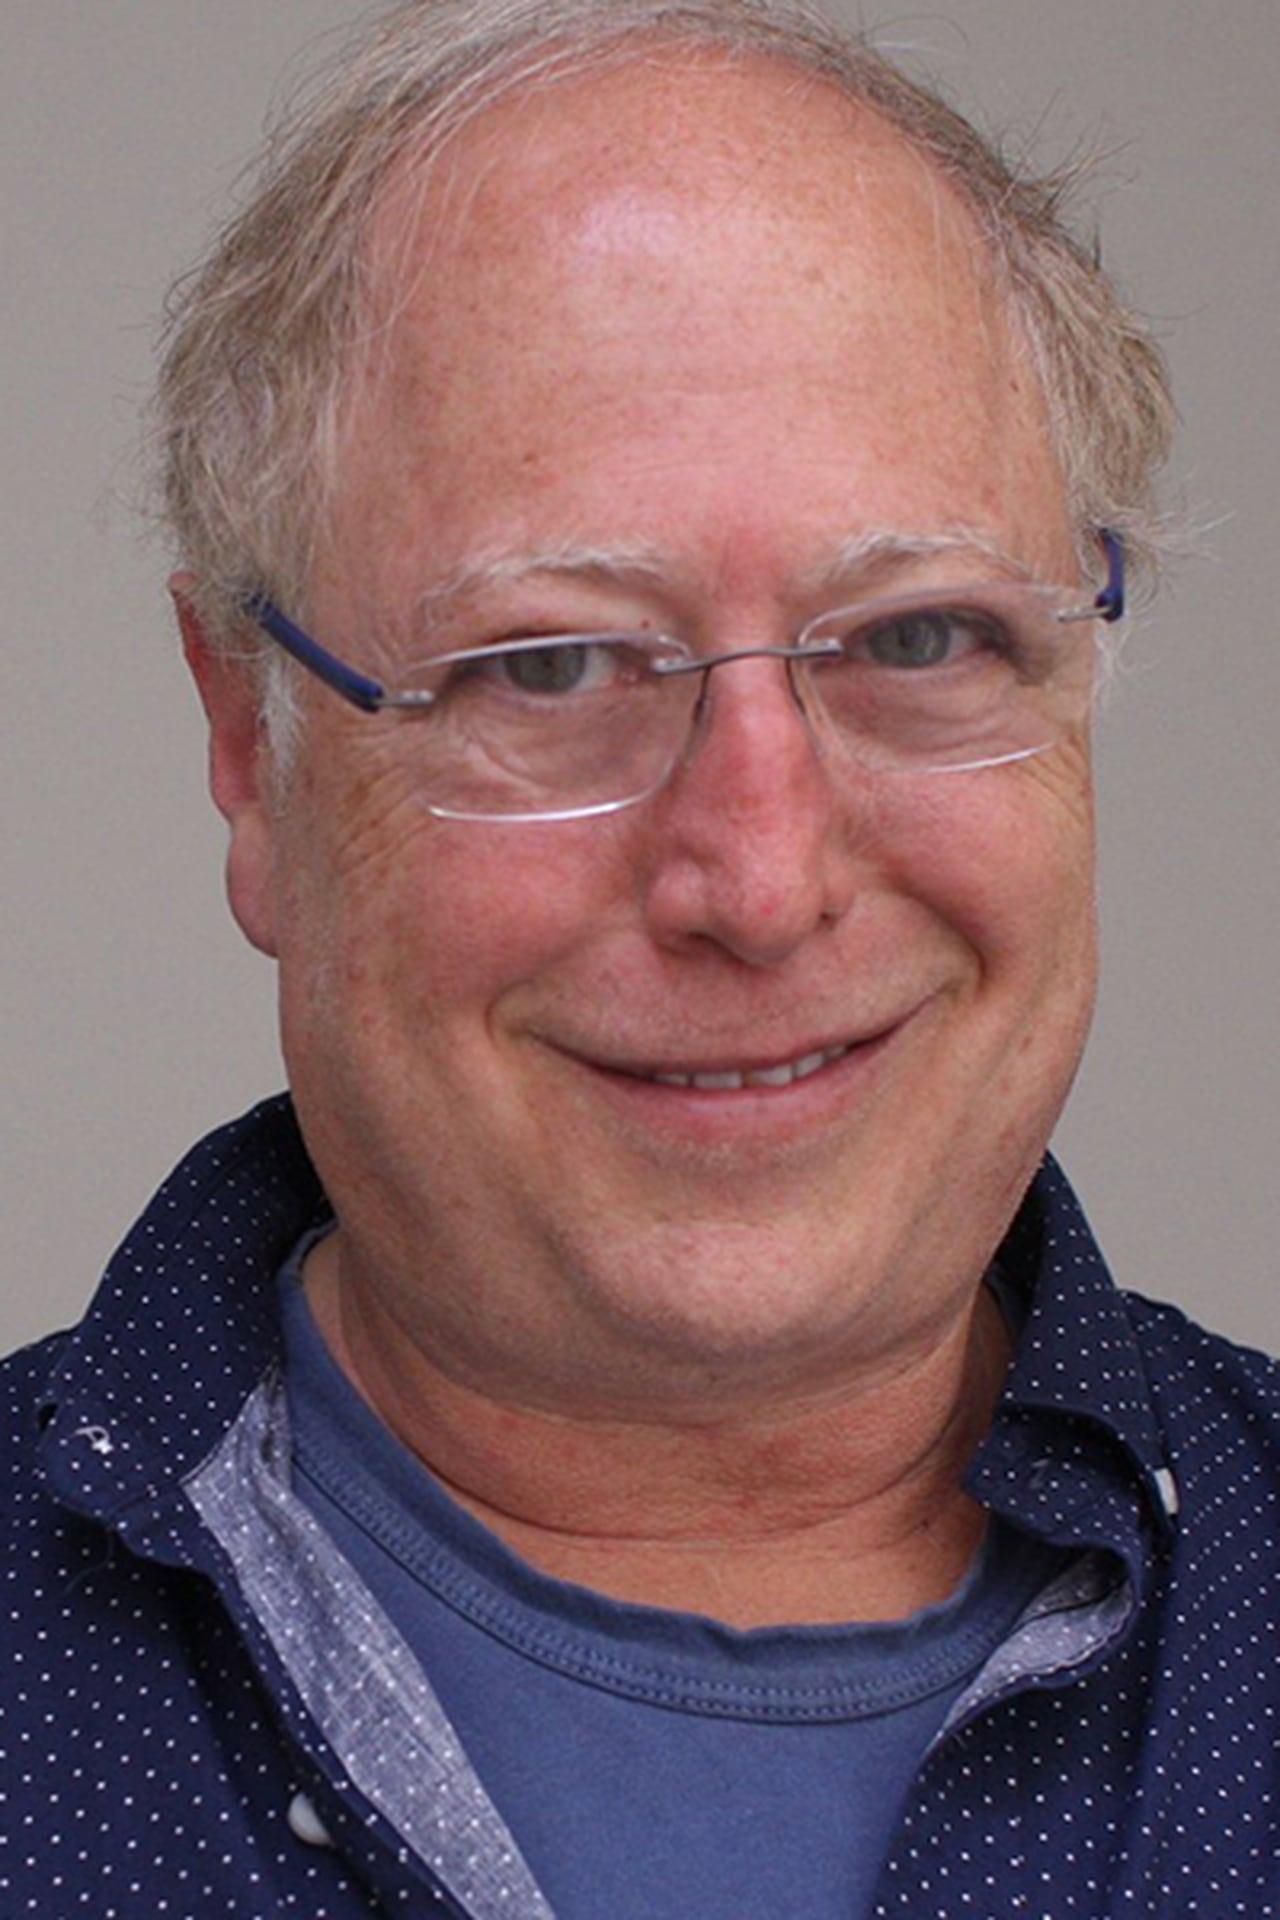 Danny Zuker